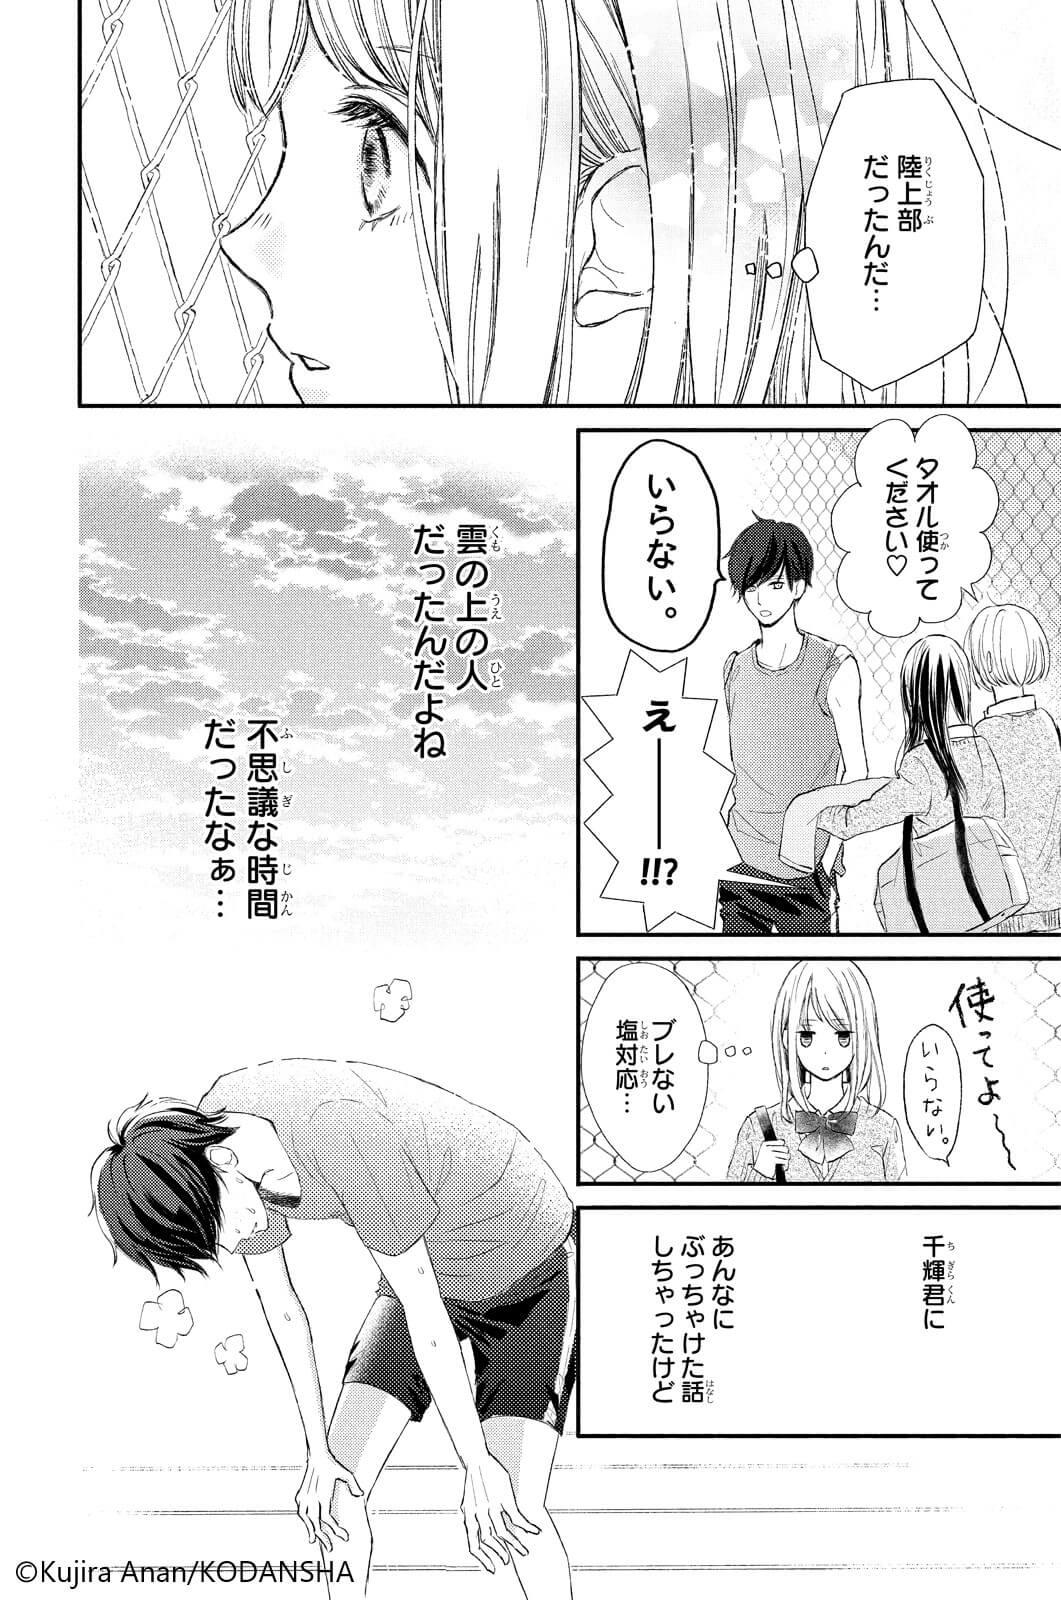 片思いごっこ4-1